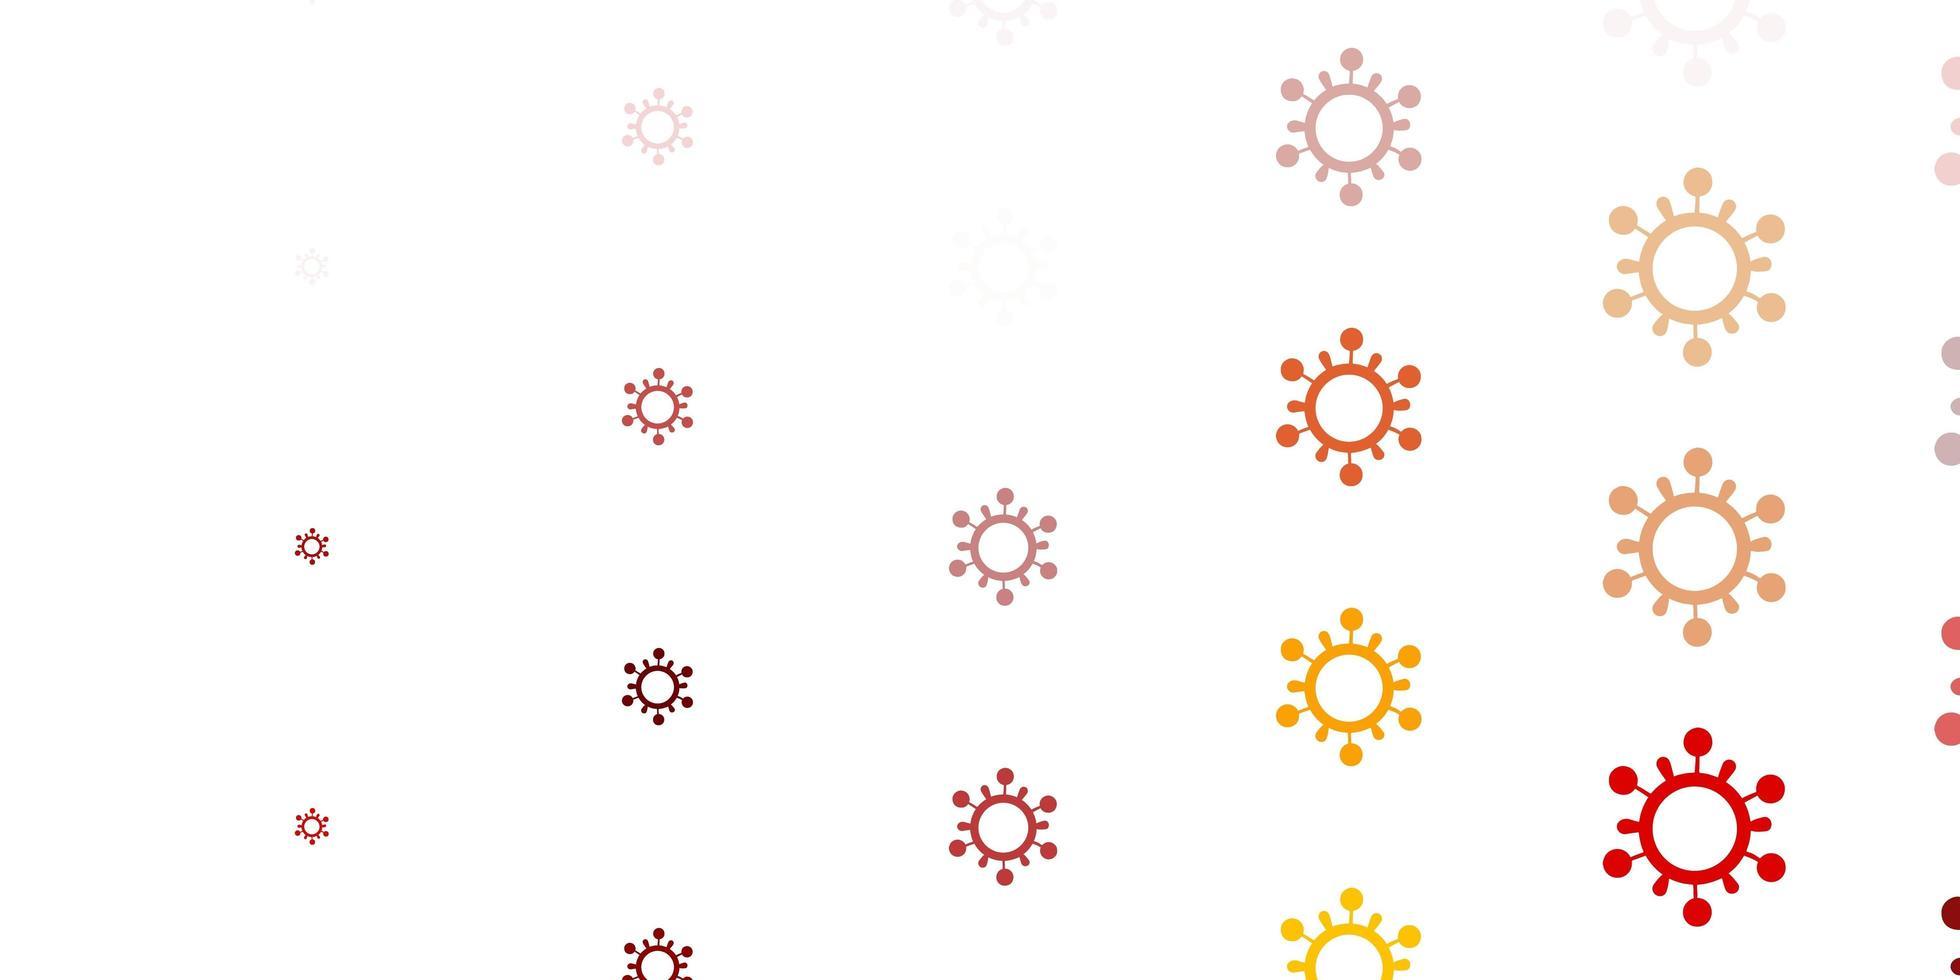 hellroter, gelber Hintergrund mit Virensymbolen. vektor